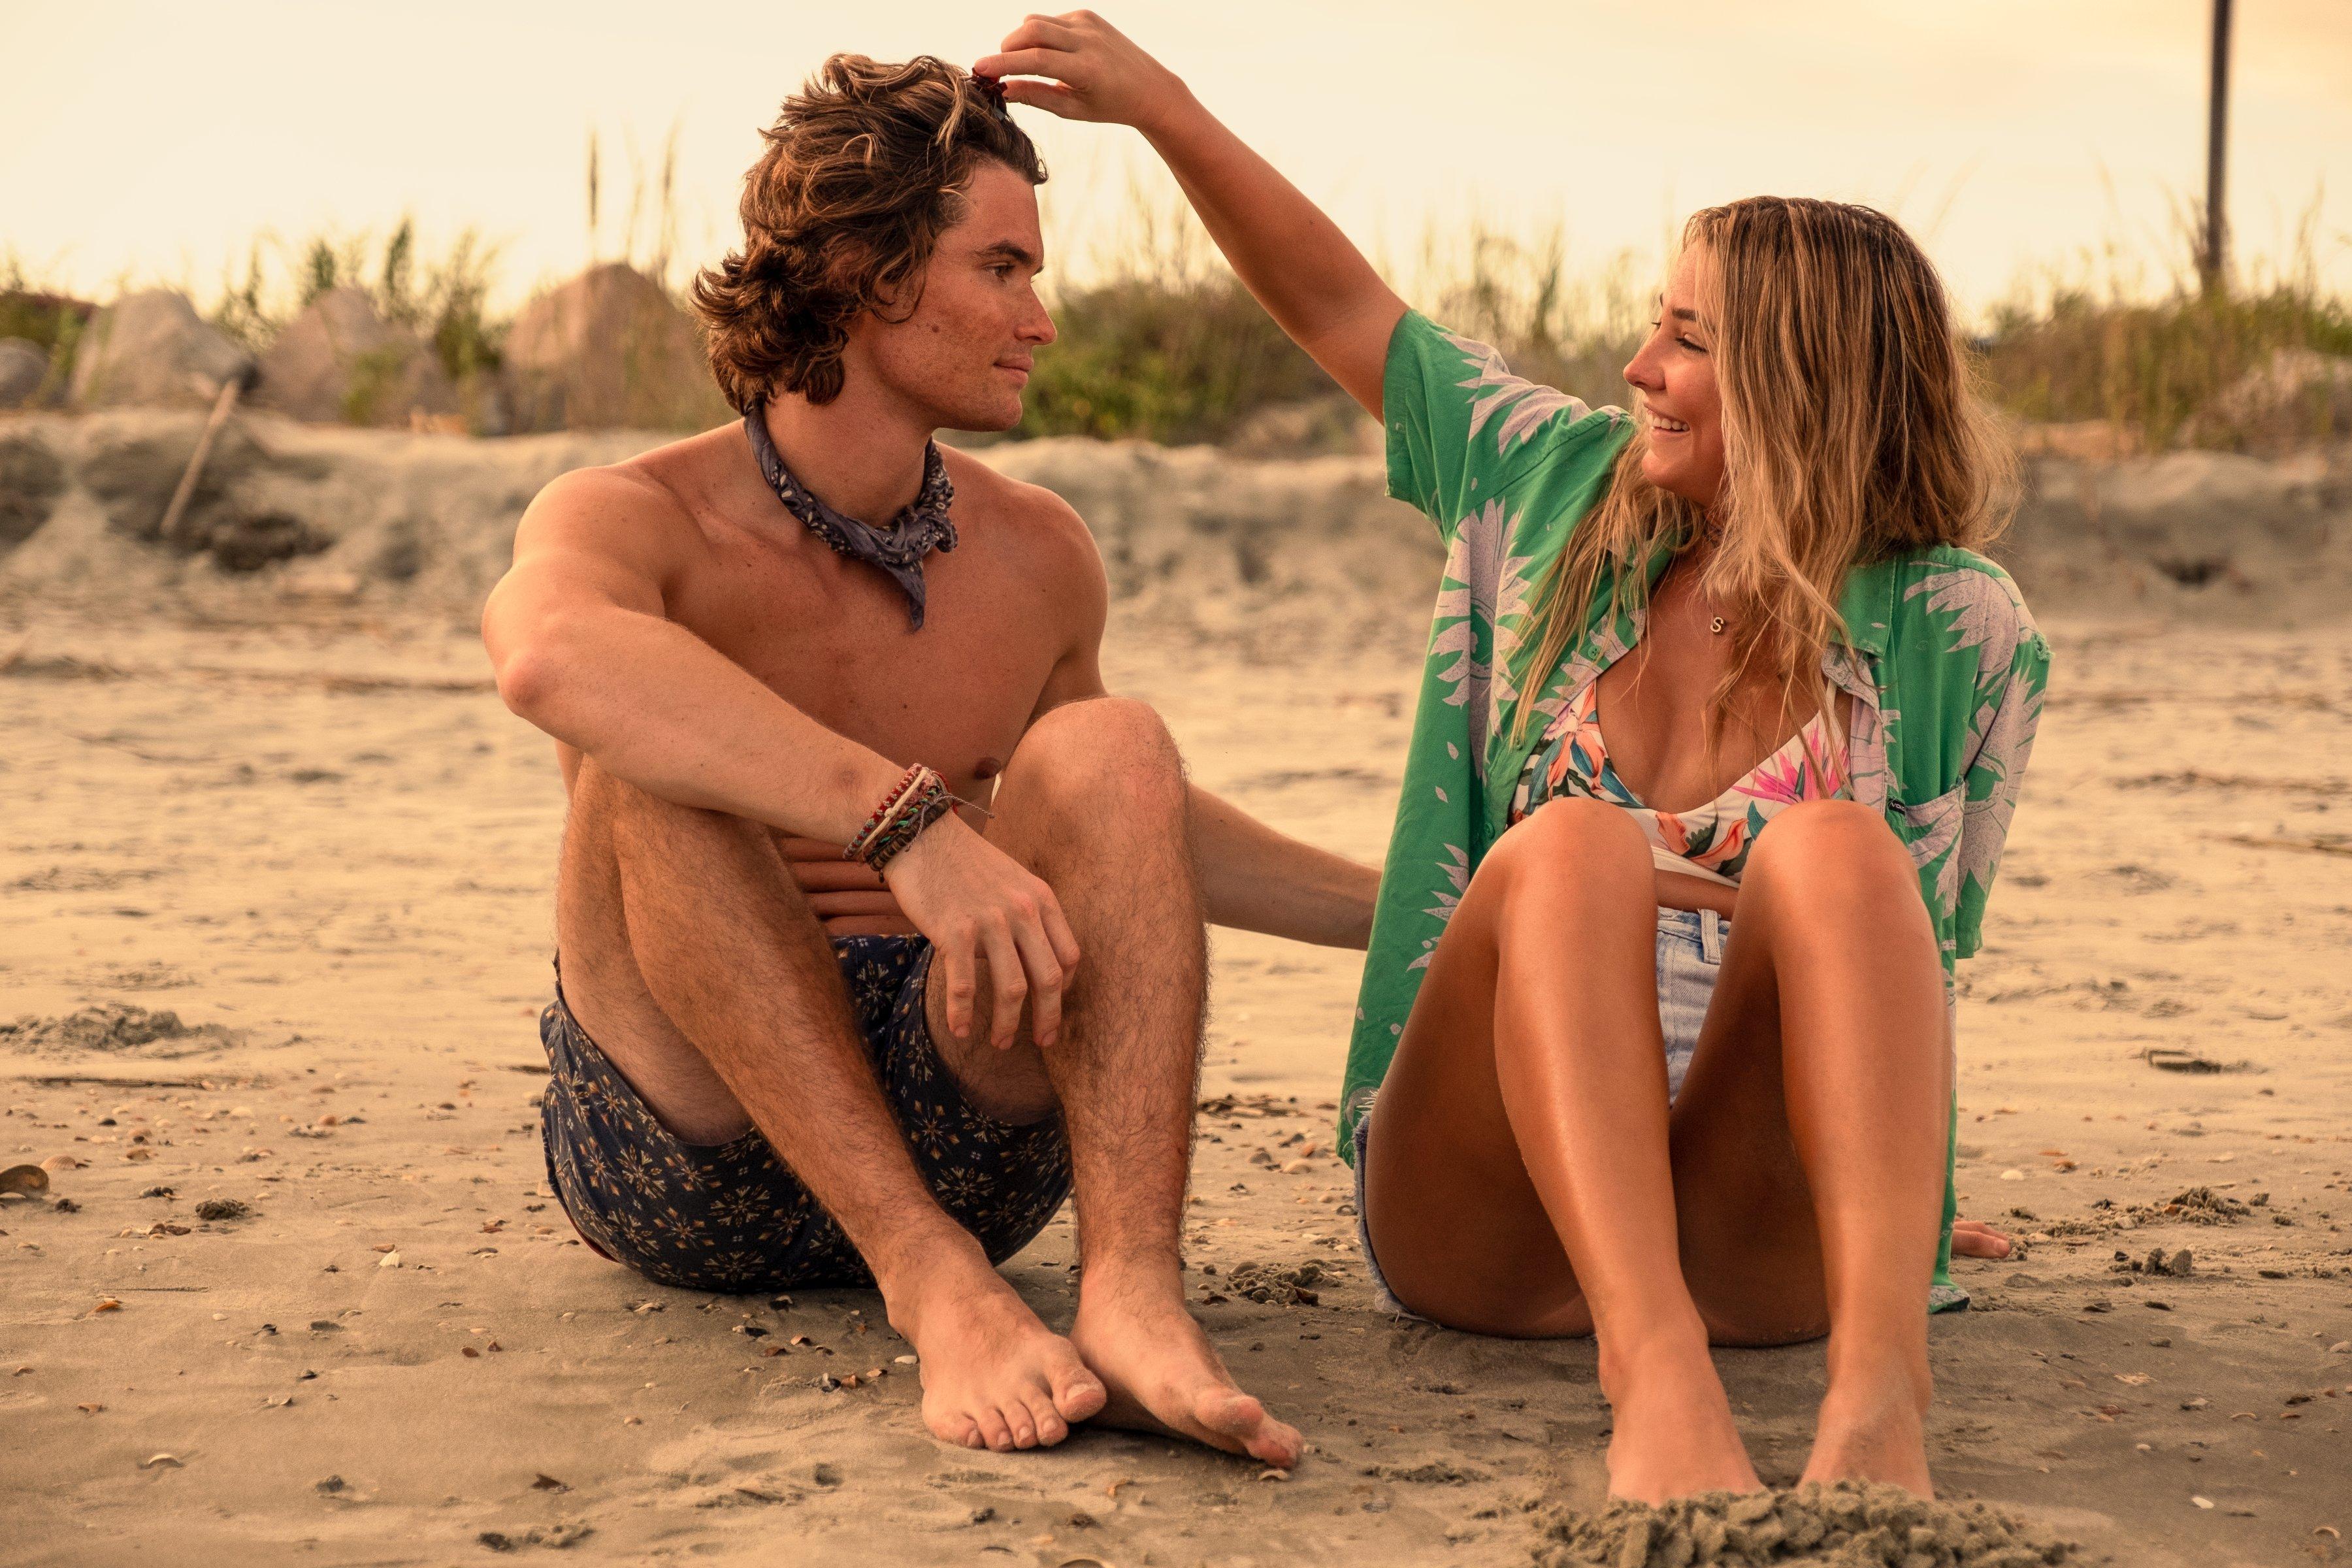 Sarah mexendo no cabelo de John B. em cena de Outer Banks; os dois estão sentados na praia, ele sem camisa e ela de shorts e biquíni com kimono verde